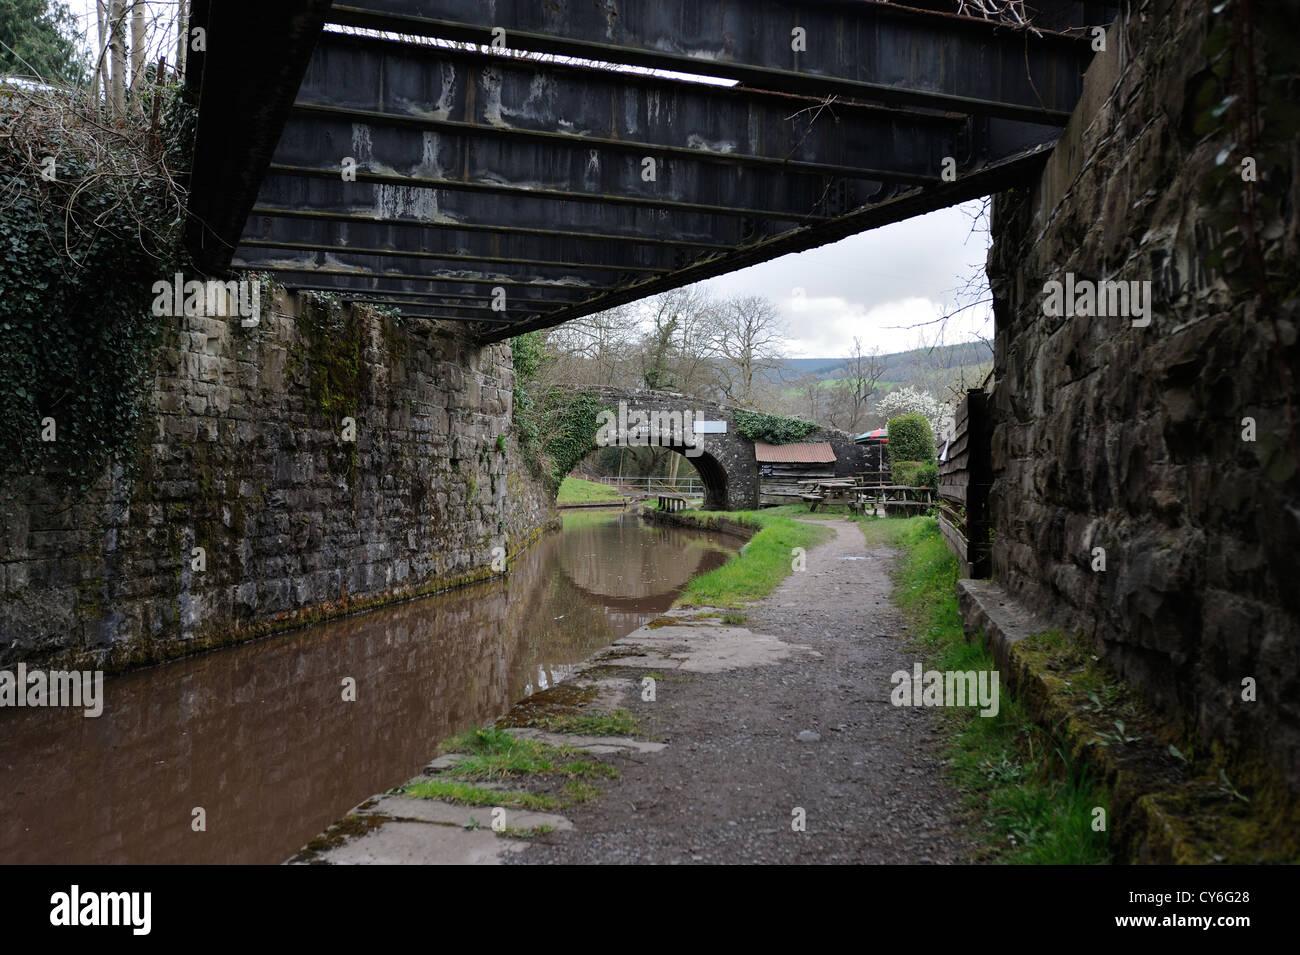 Talybont on usk canal bridges - Stock Image